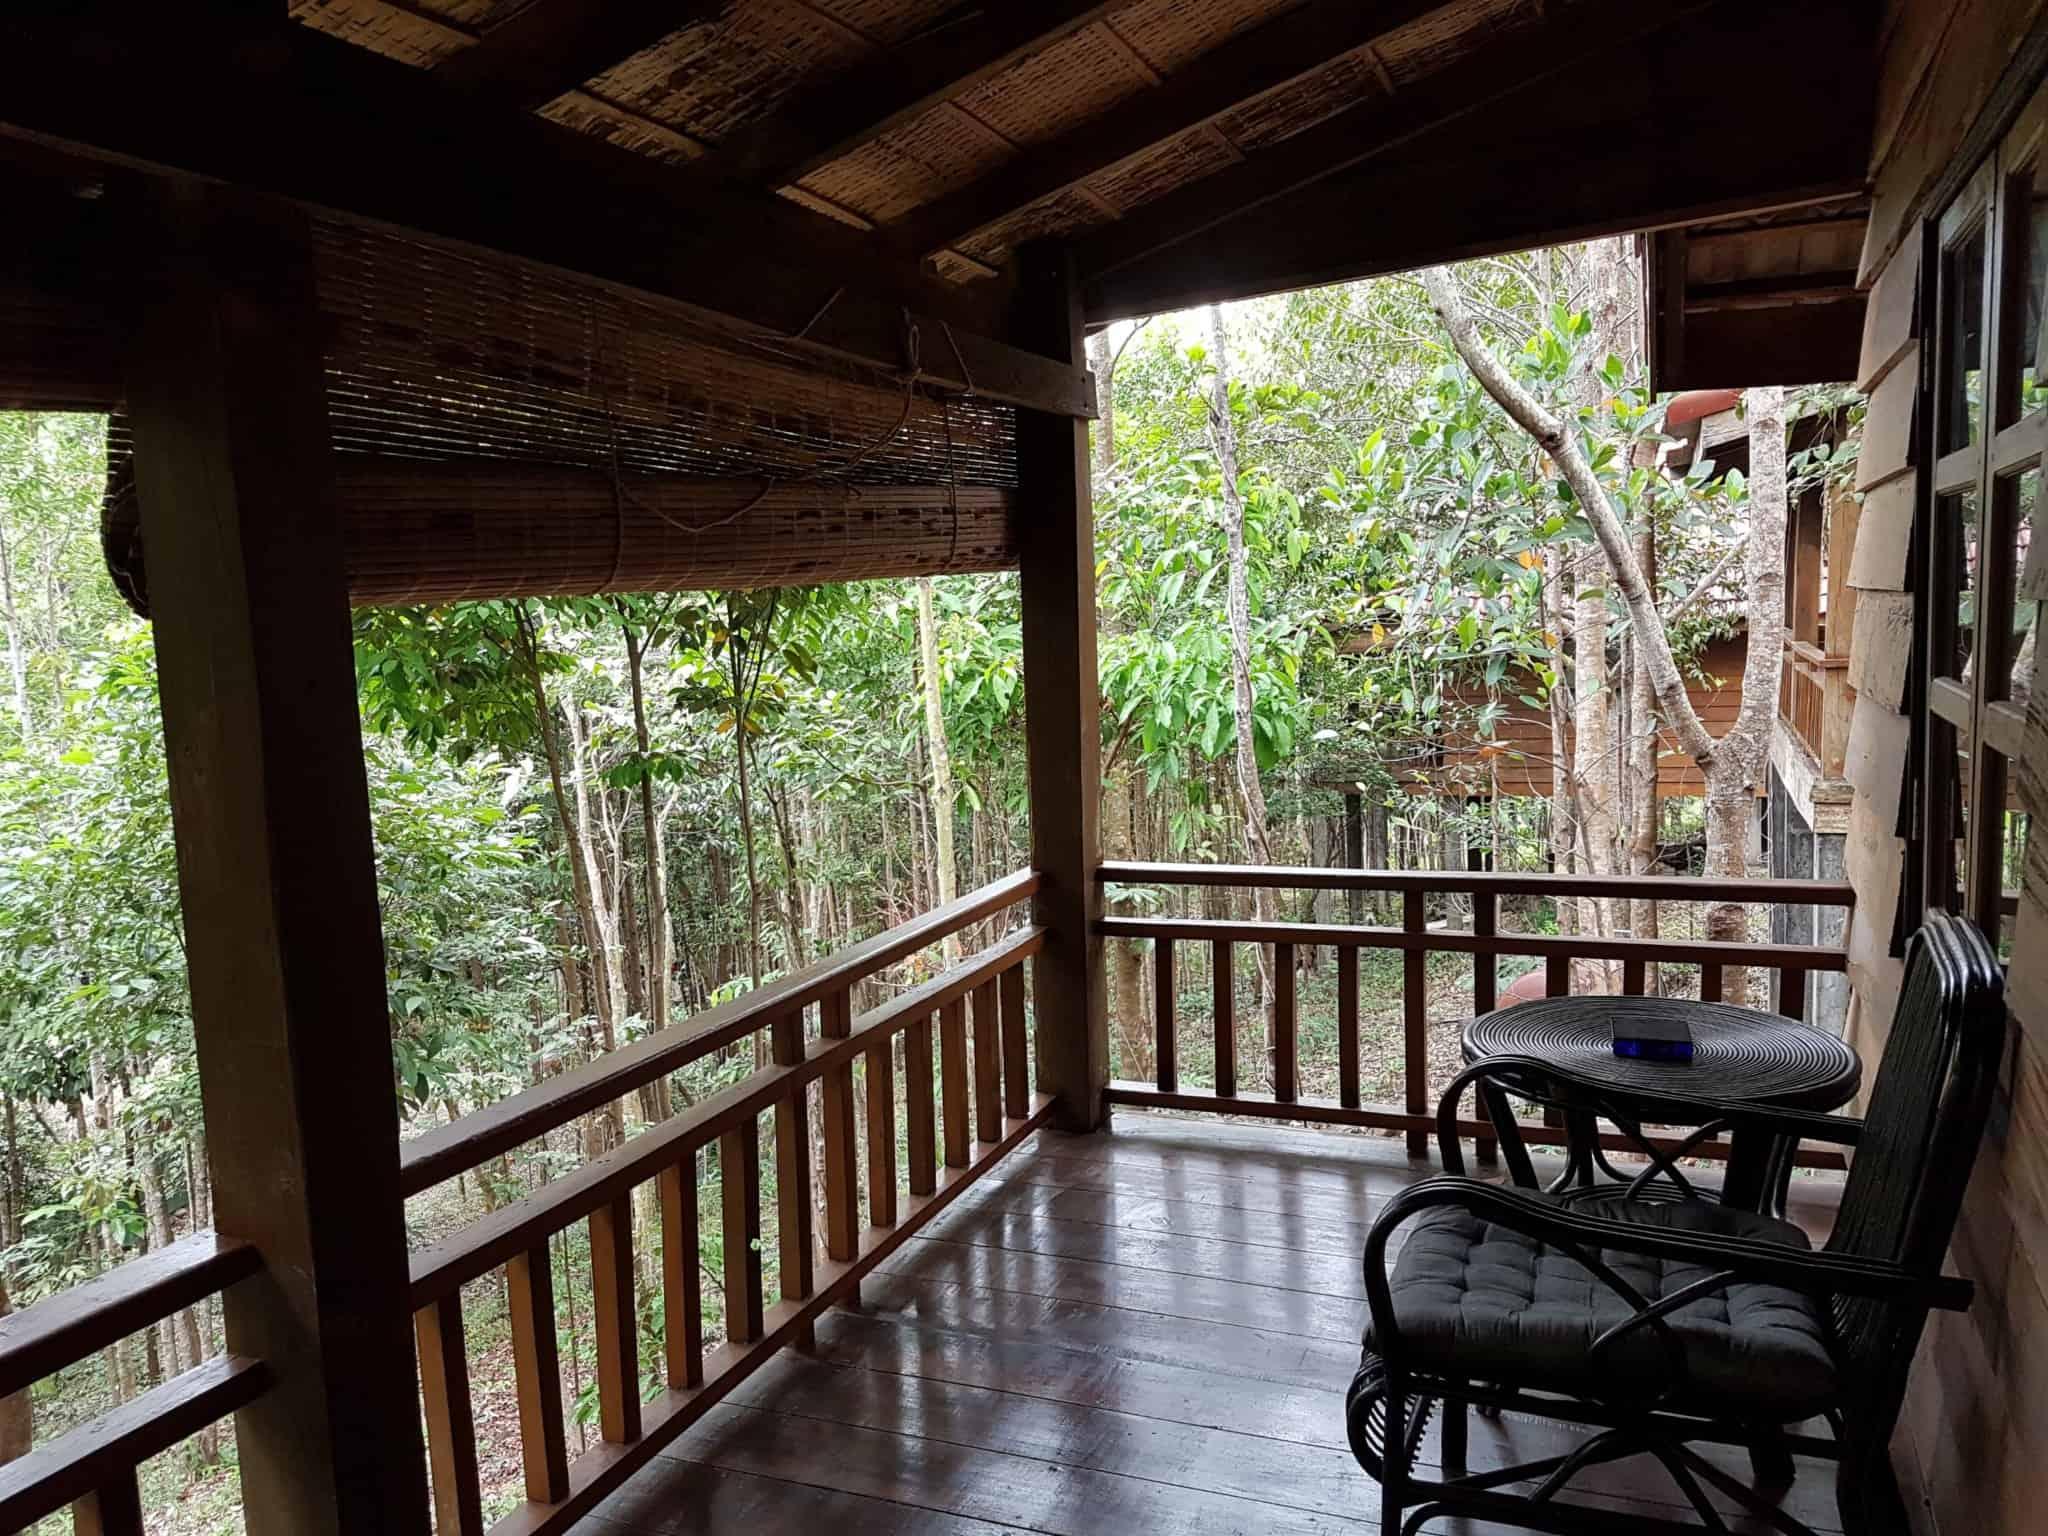 Cambodge, 4 jours au paradis dans le plus bel hôtel de Sihanoukville 😍 2